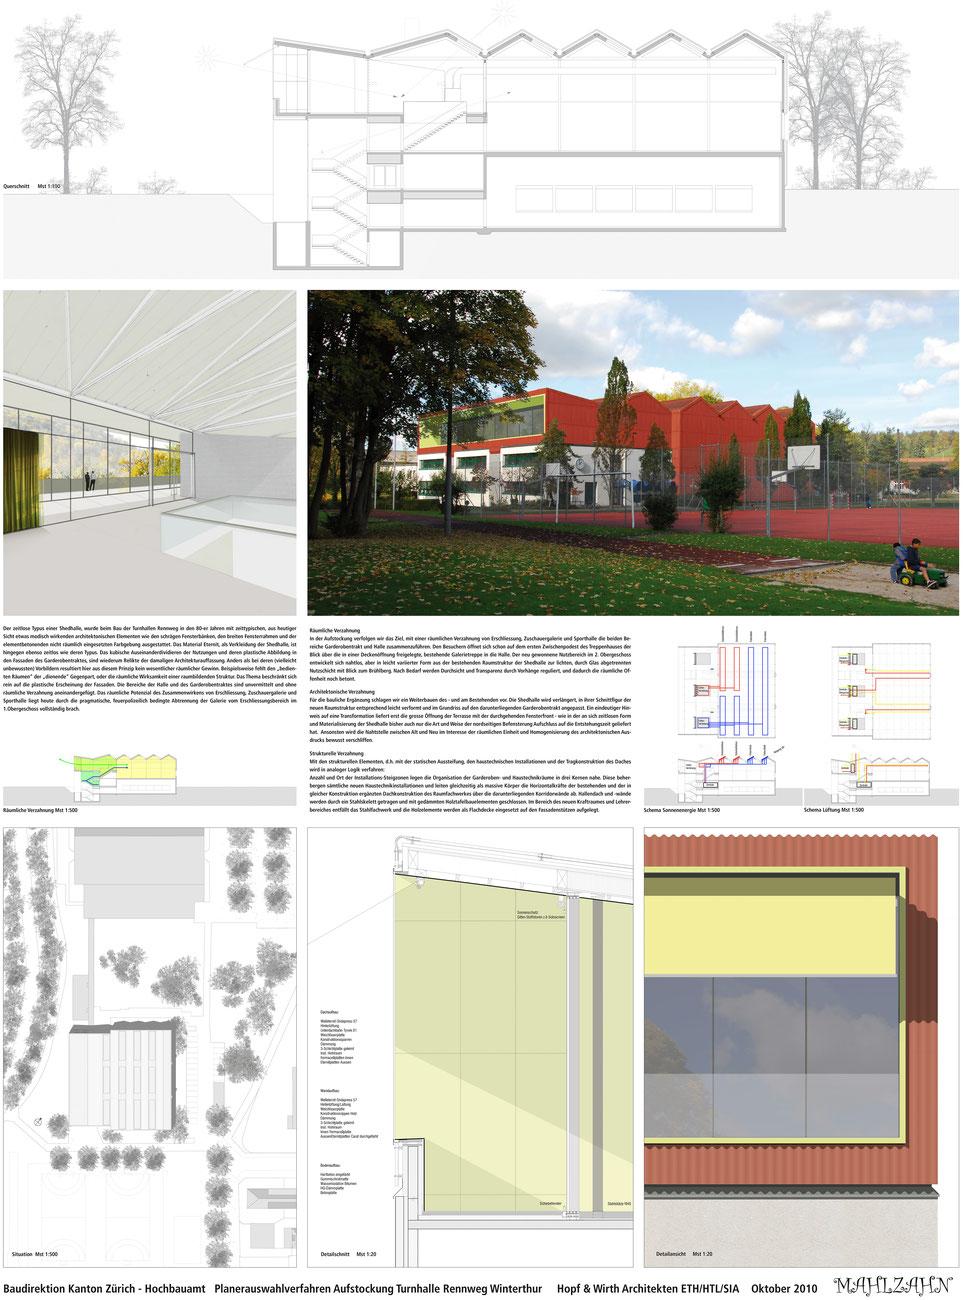 Hopf & Wirth Architekten ETH HTL SIA Winterthur, Wettbewerb Berufsbildungsschule Winterthur, Erweiterung Turnhallen Rennweg